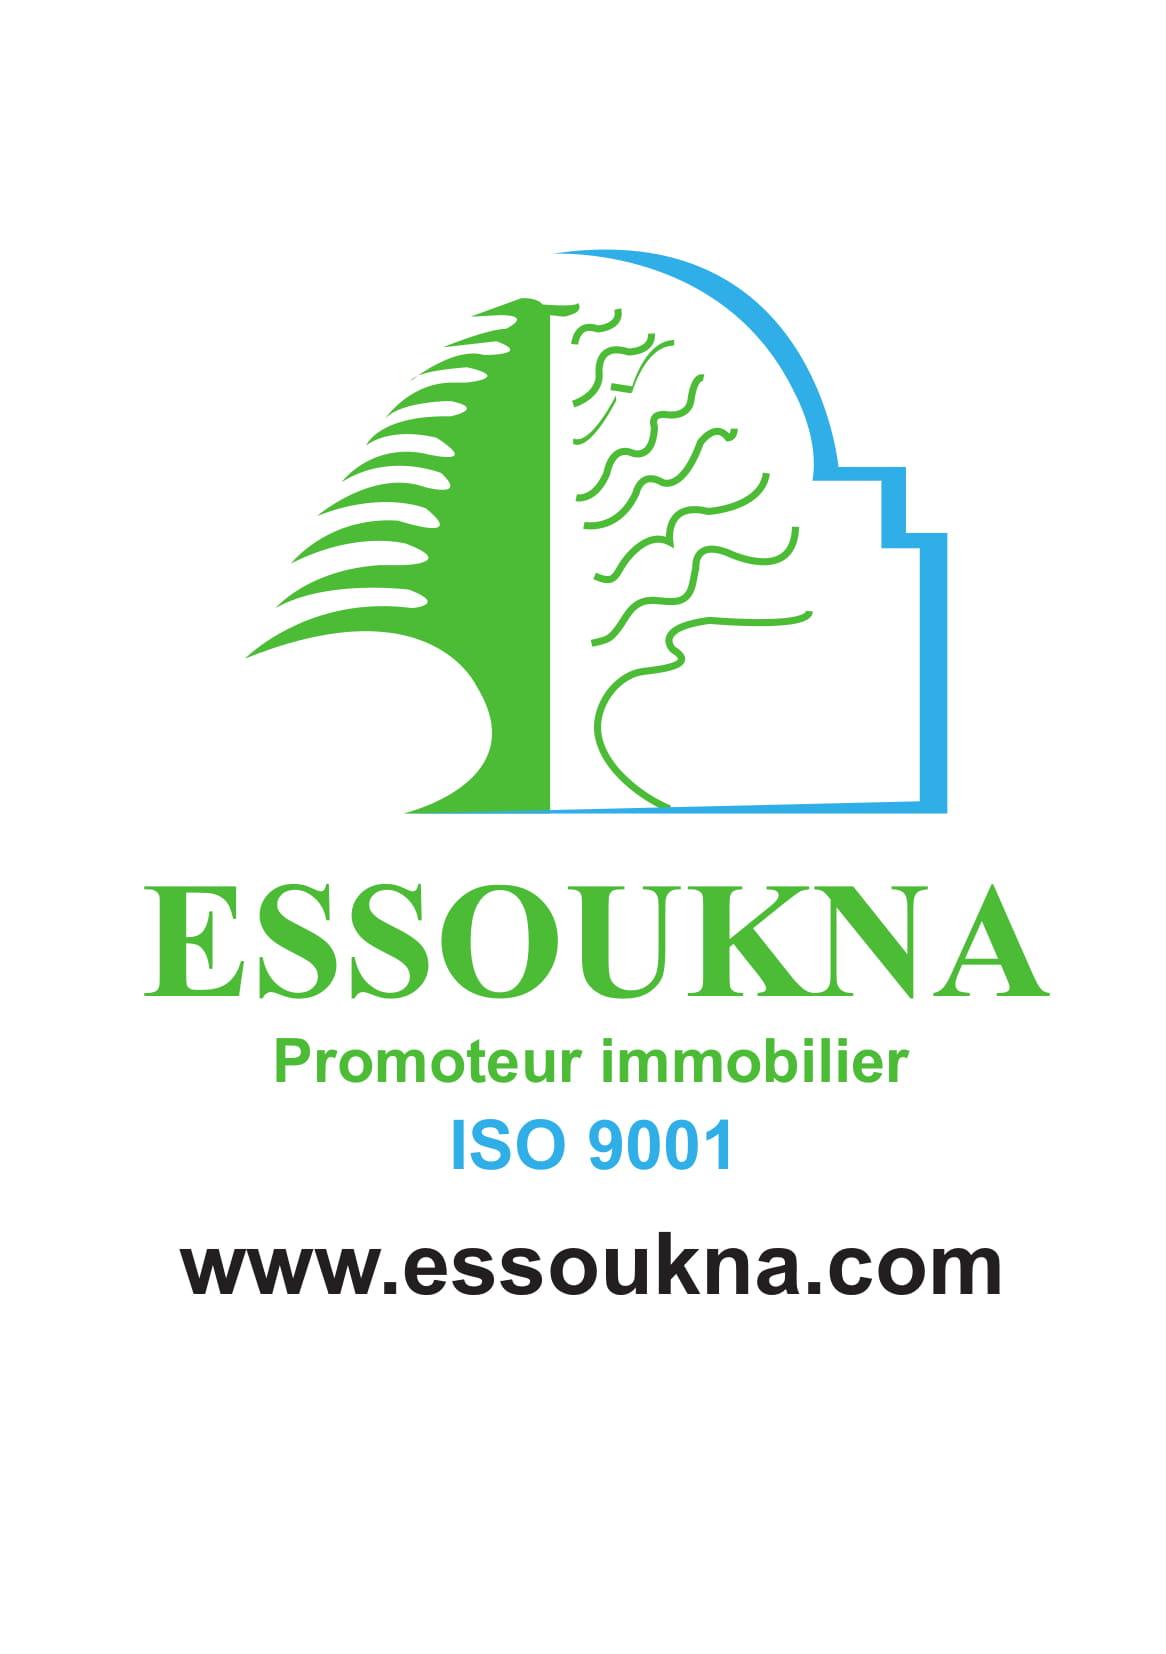 La Société ESSOUKNA réalise ses objectifs du premier trimestre 2019 avec une croissance des ventes